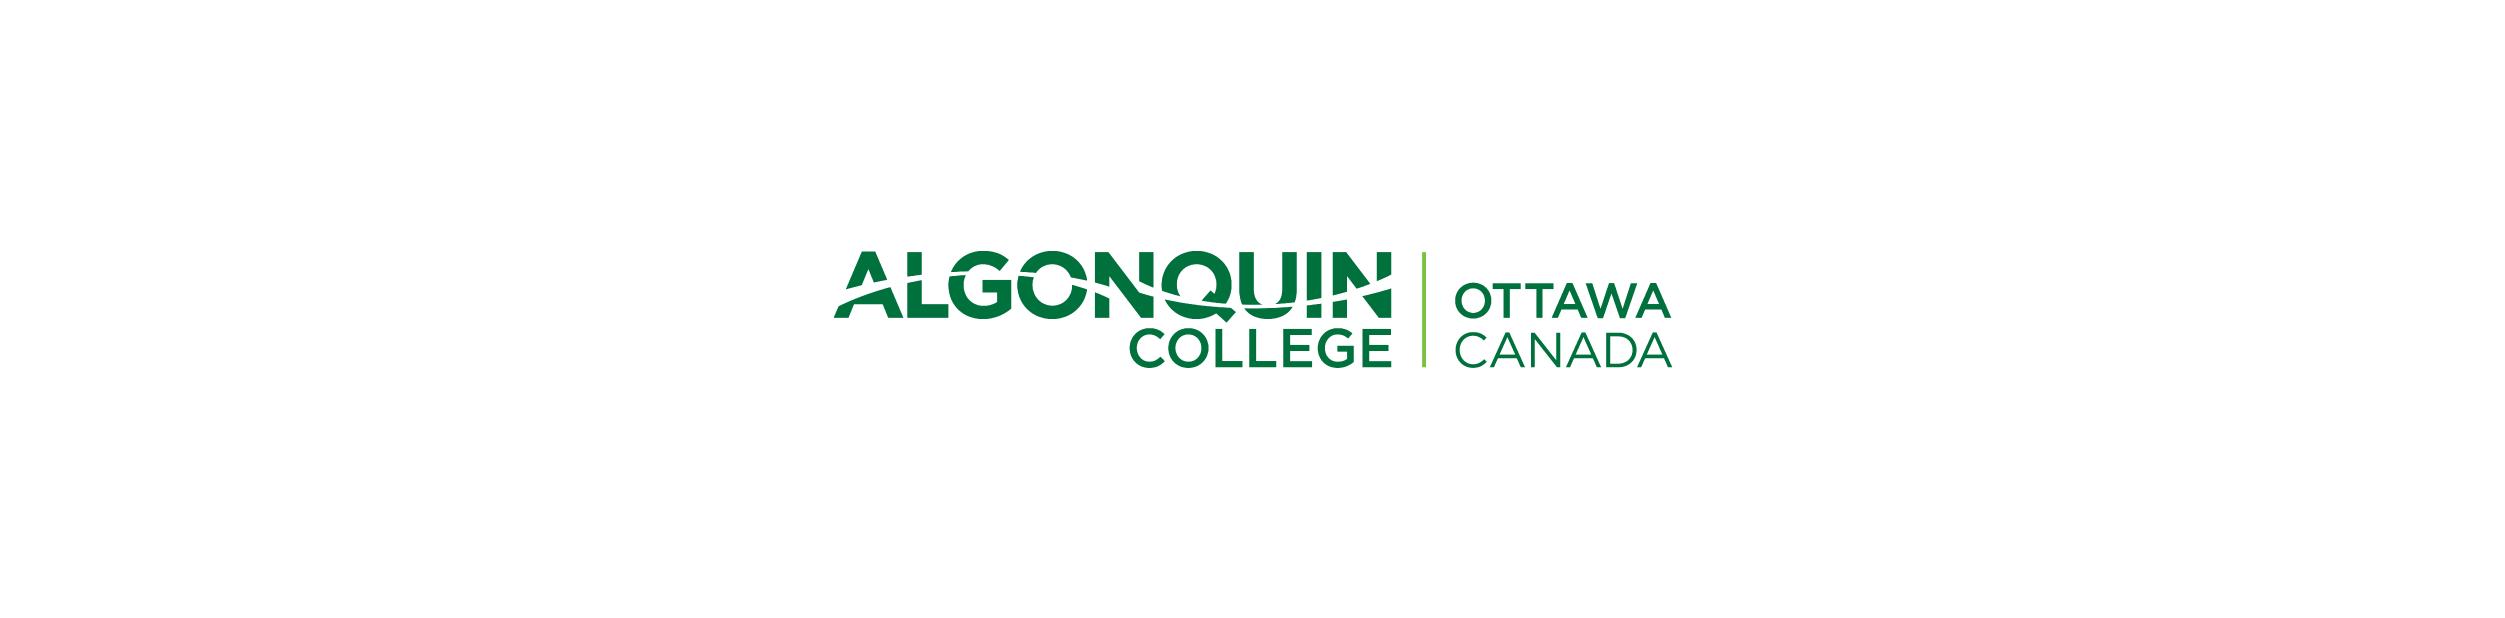 Algonquin-College-5